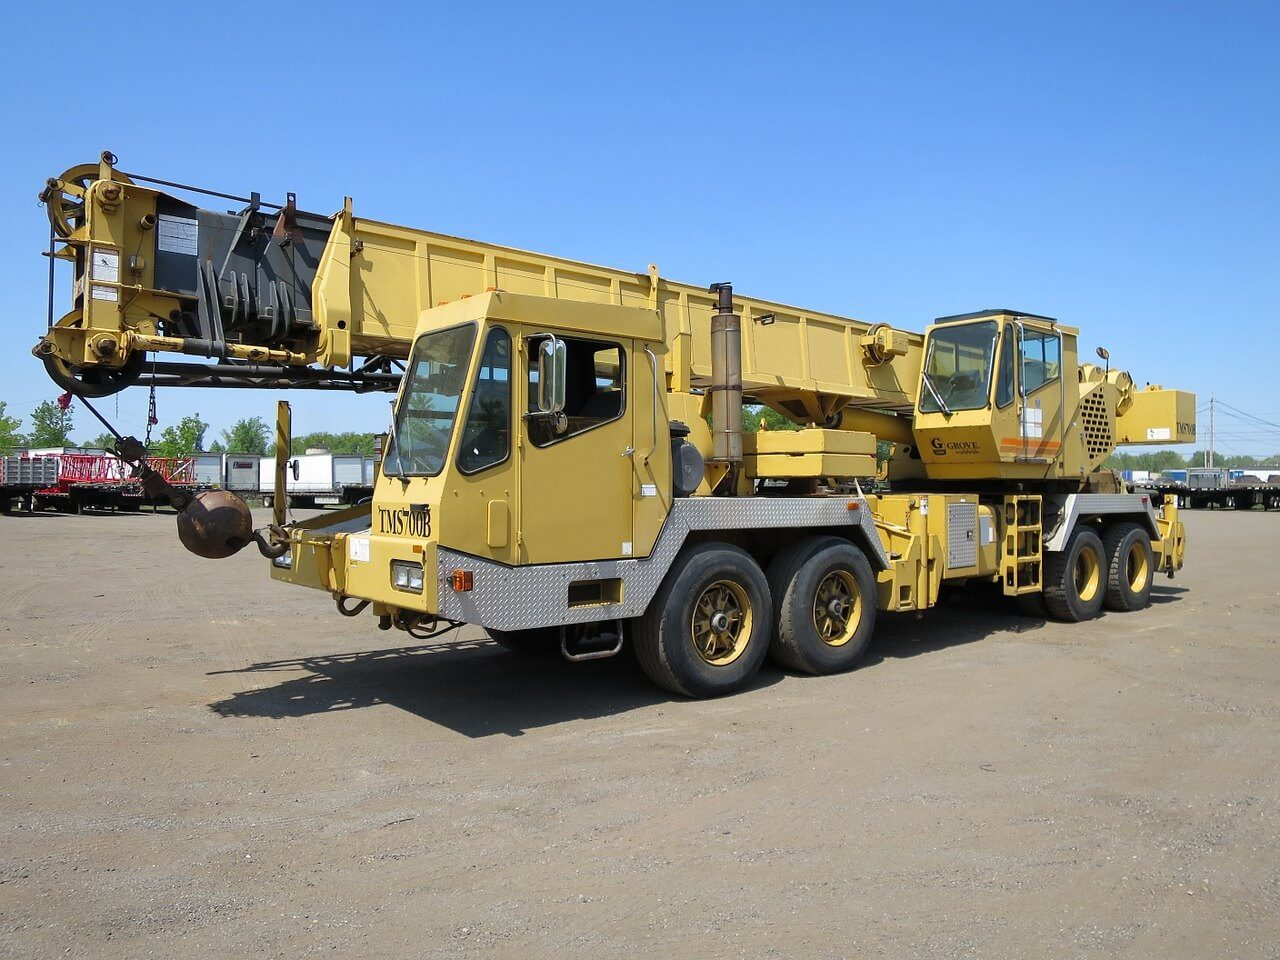 crane-1126061_1280-1.jpg